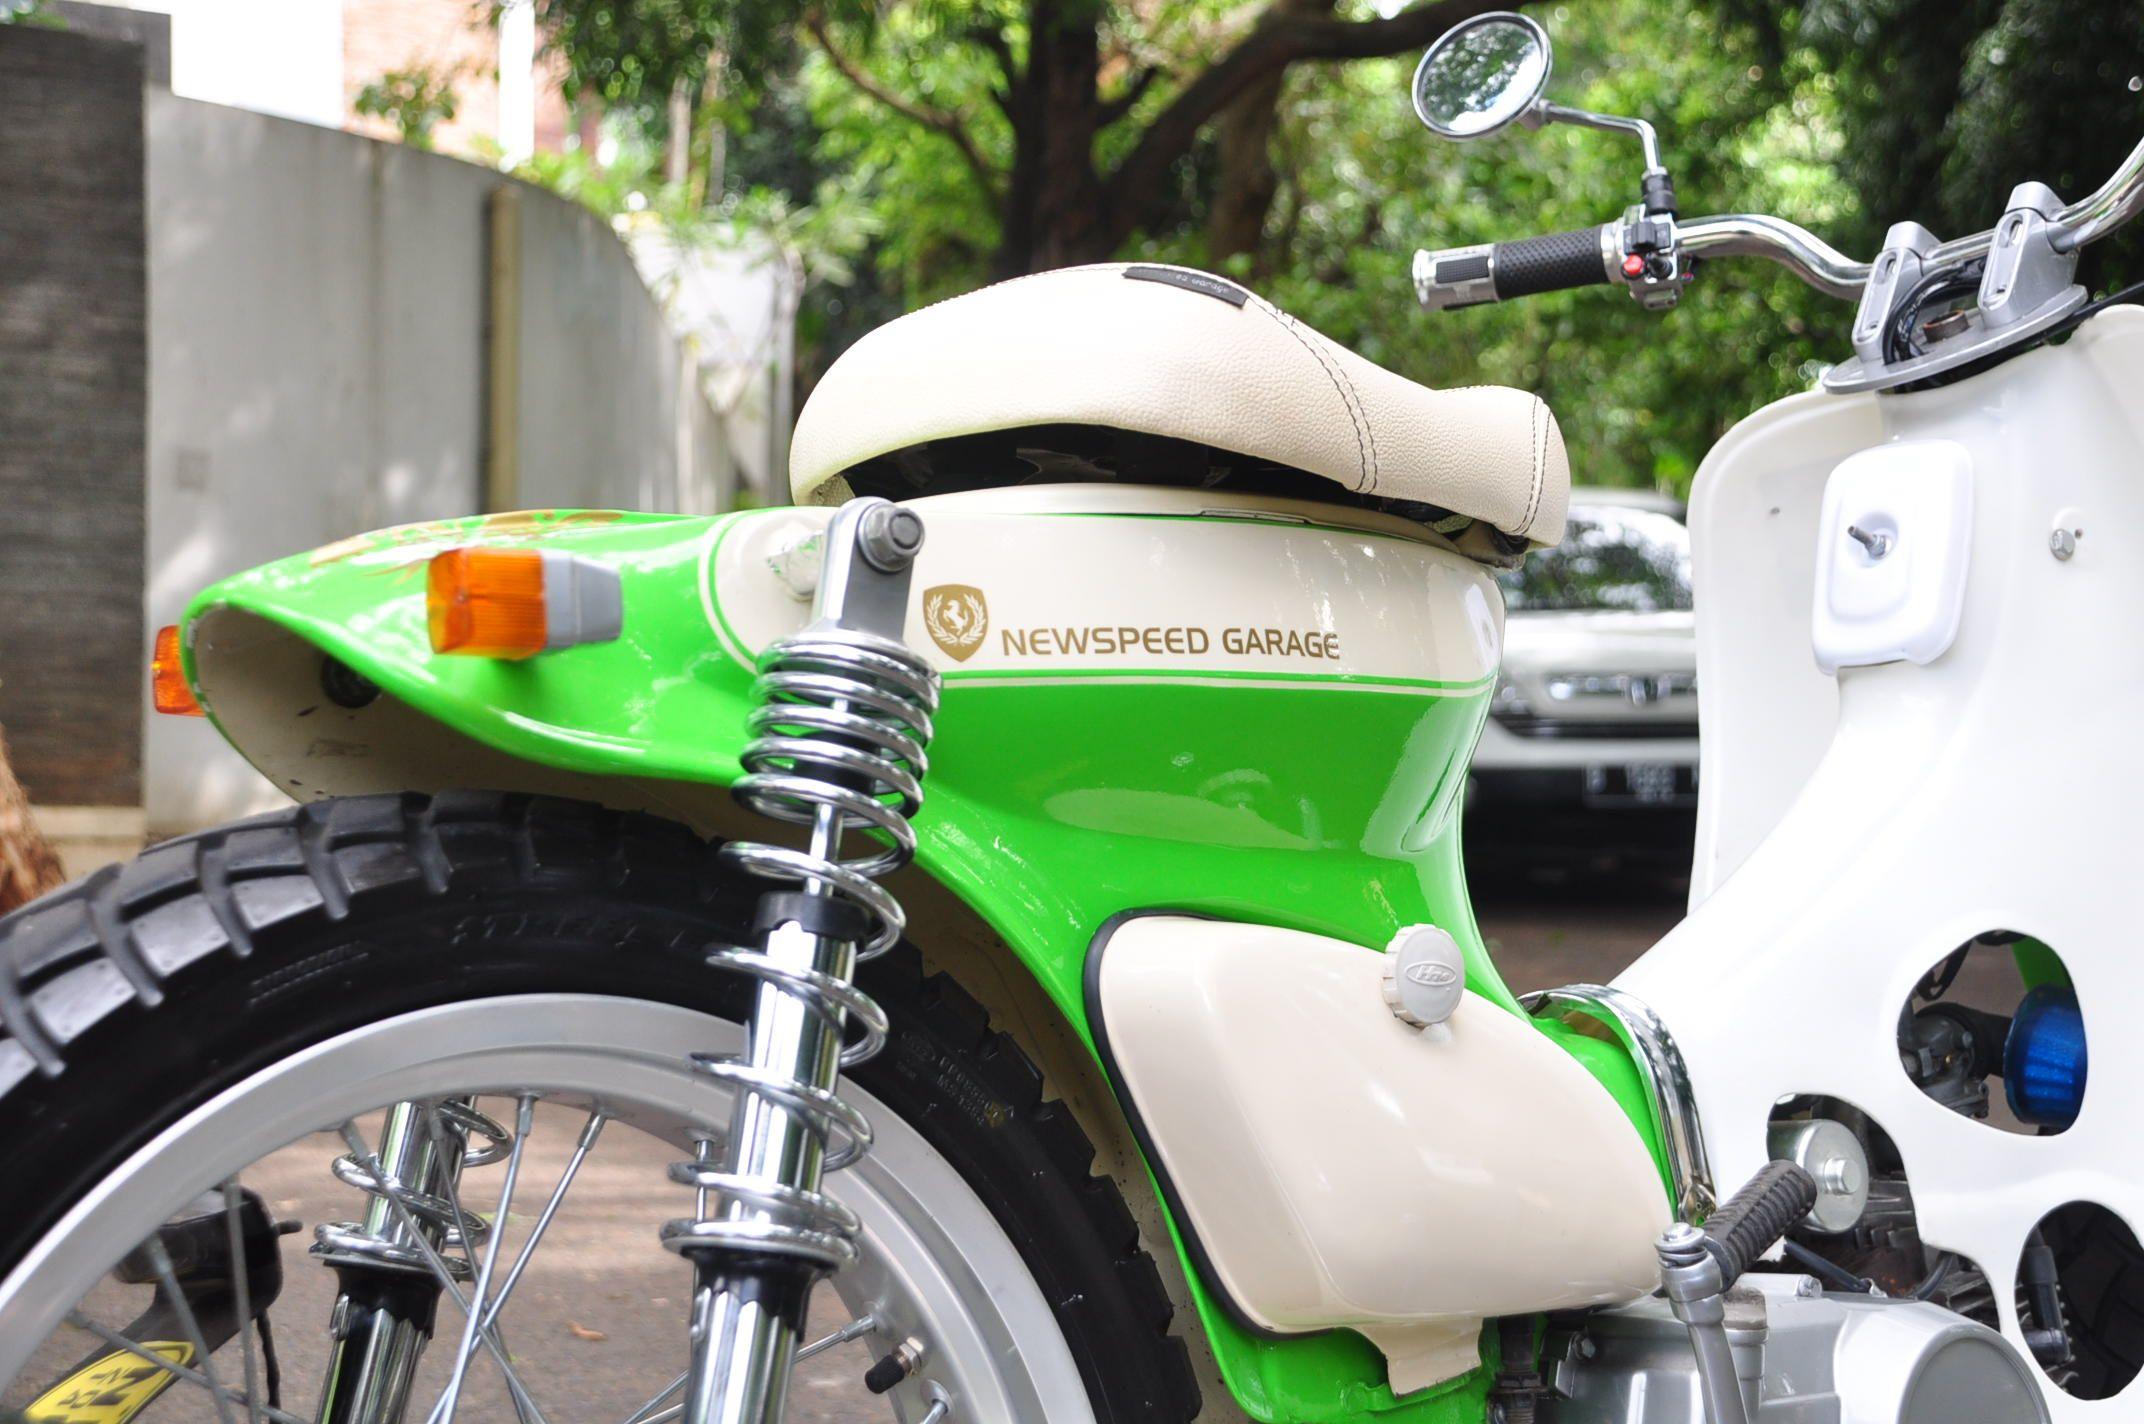 Kumpulan Gambar Wiring Diagram Sepeda Motor Terlengkap Gentong